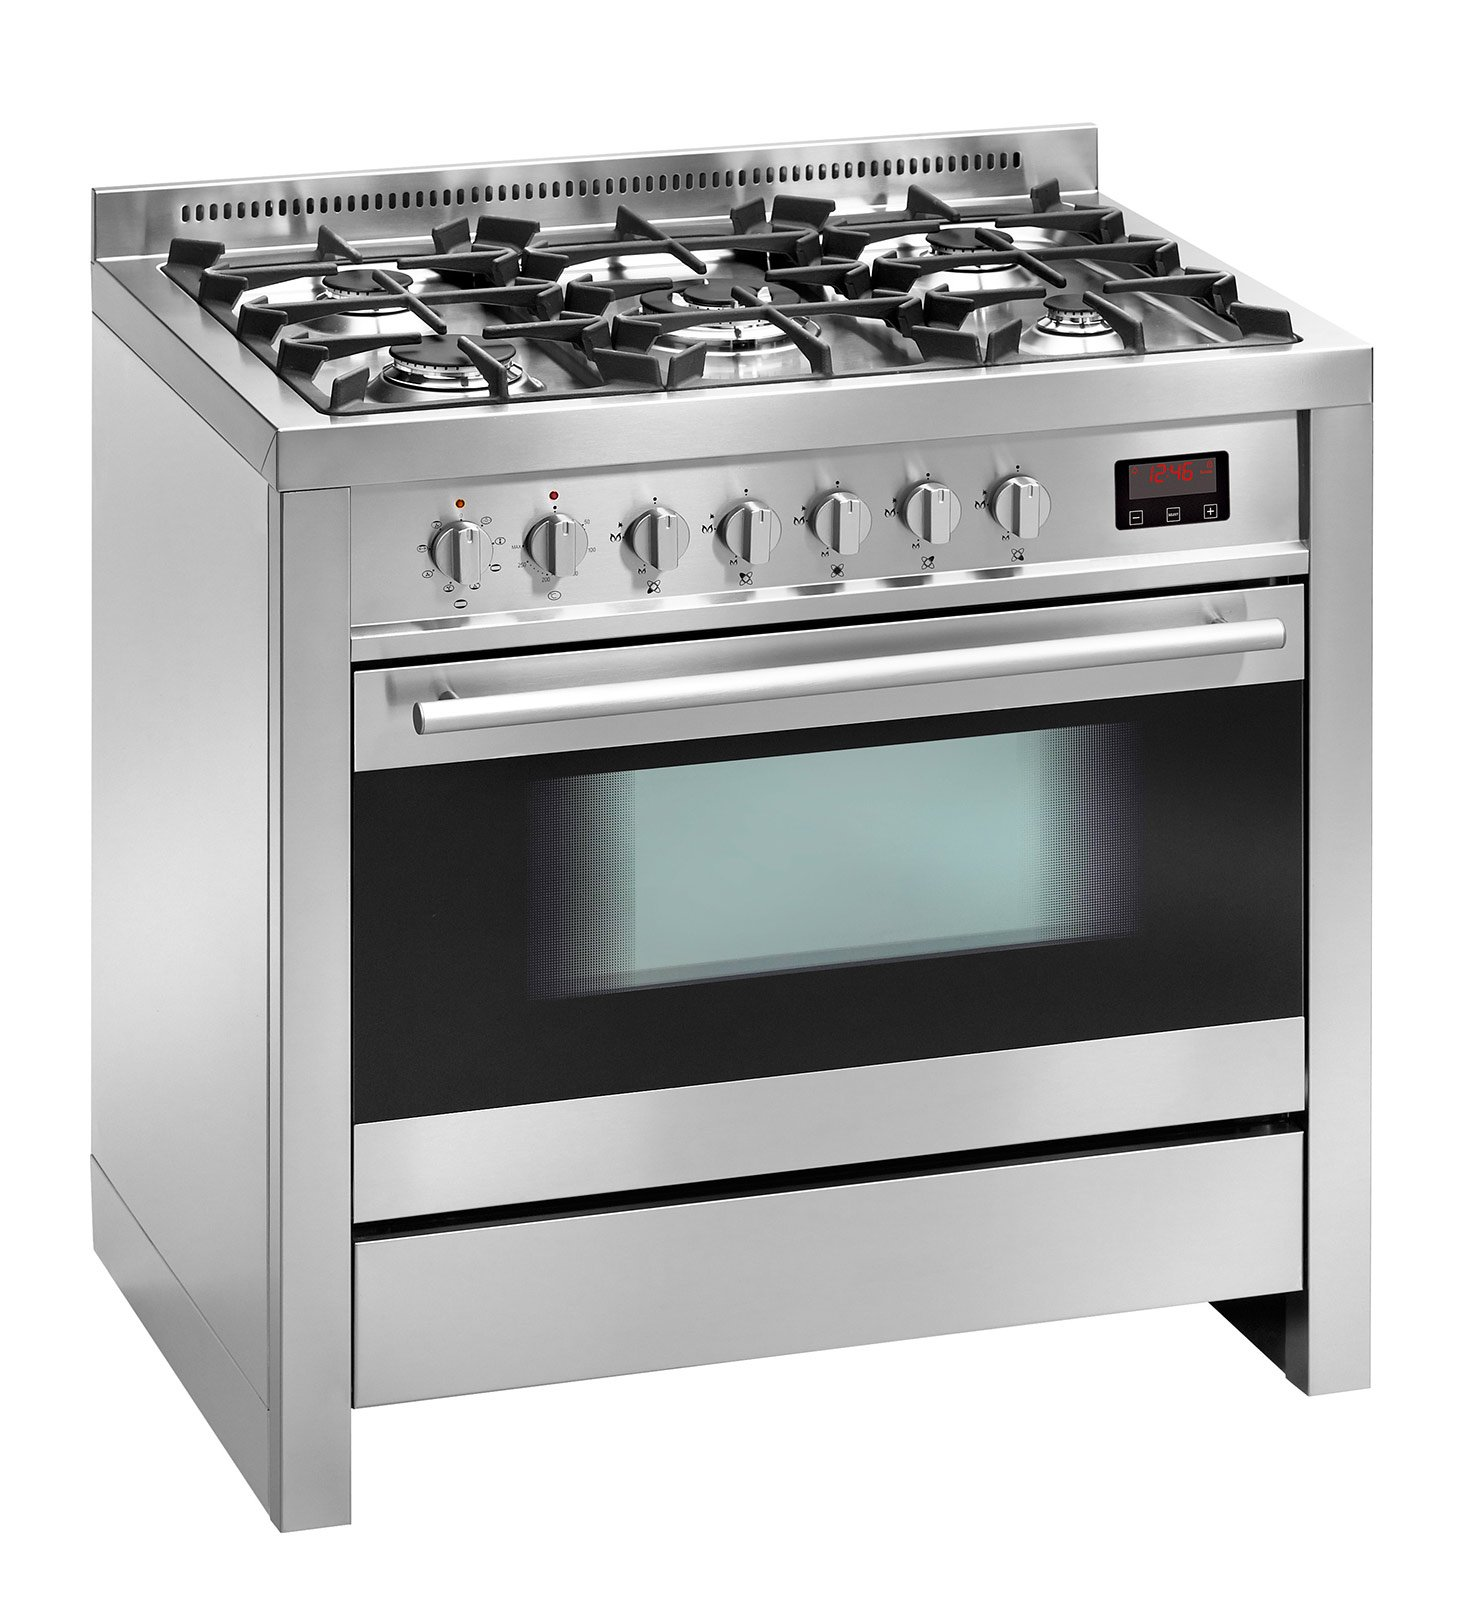 Cucina monoblocco piano cottura e forno tutto in uno - Cucine con piastre elettriche ...